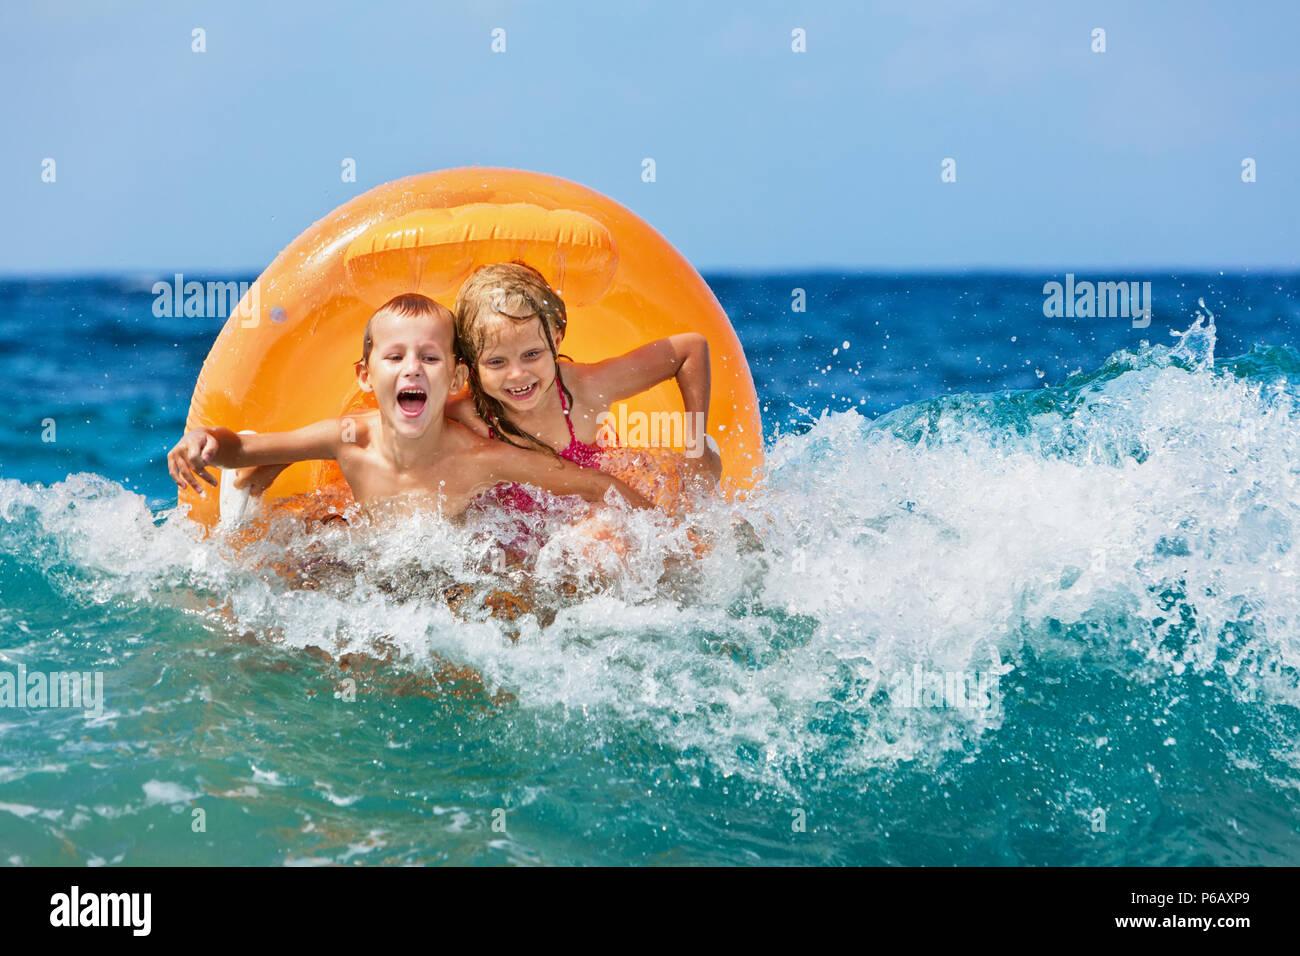 Felices los niños podrán divertirse en el mar, sobre la playa de surf. Par de niños alegres en anillo inflable paseo en onda. Viajes Actividades de natación, el estilo de vida de vacaciones Imagen De Stock